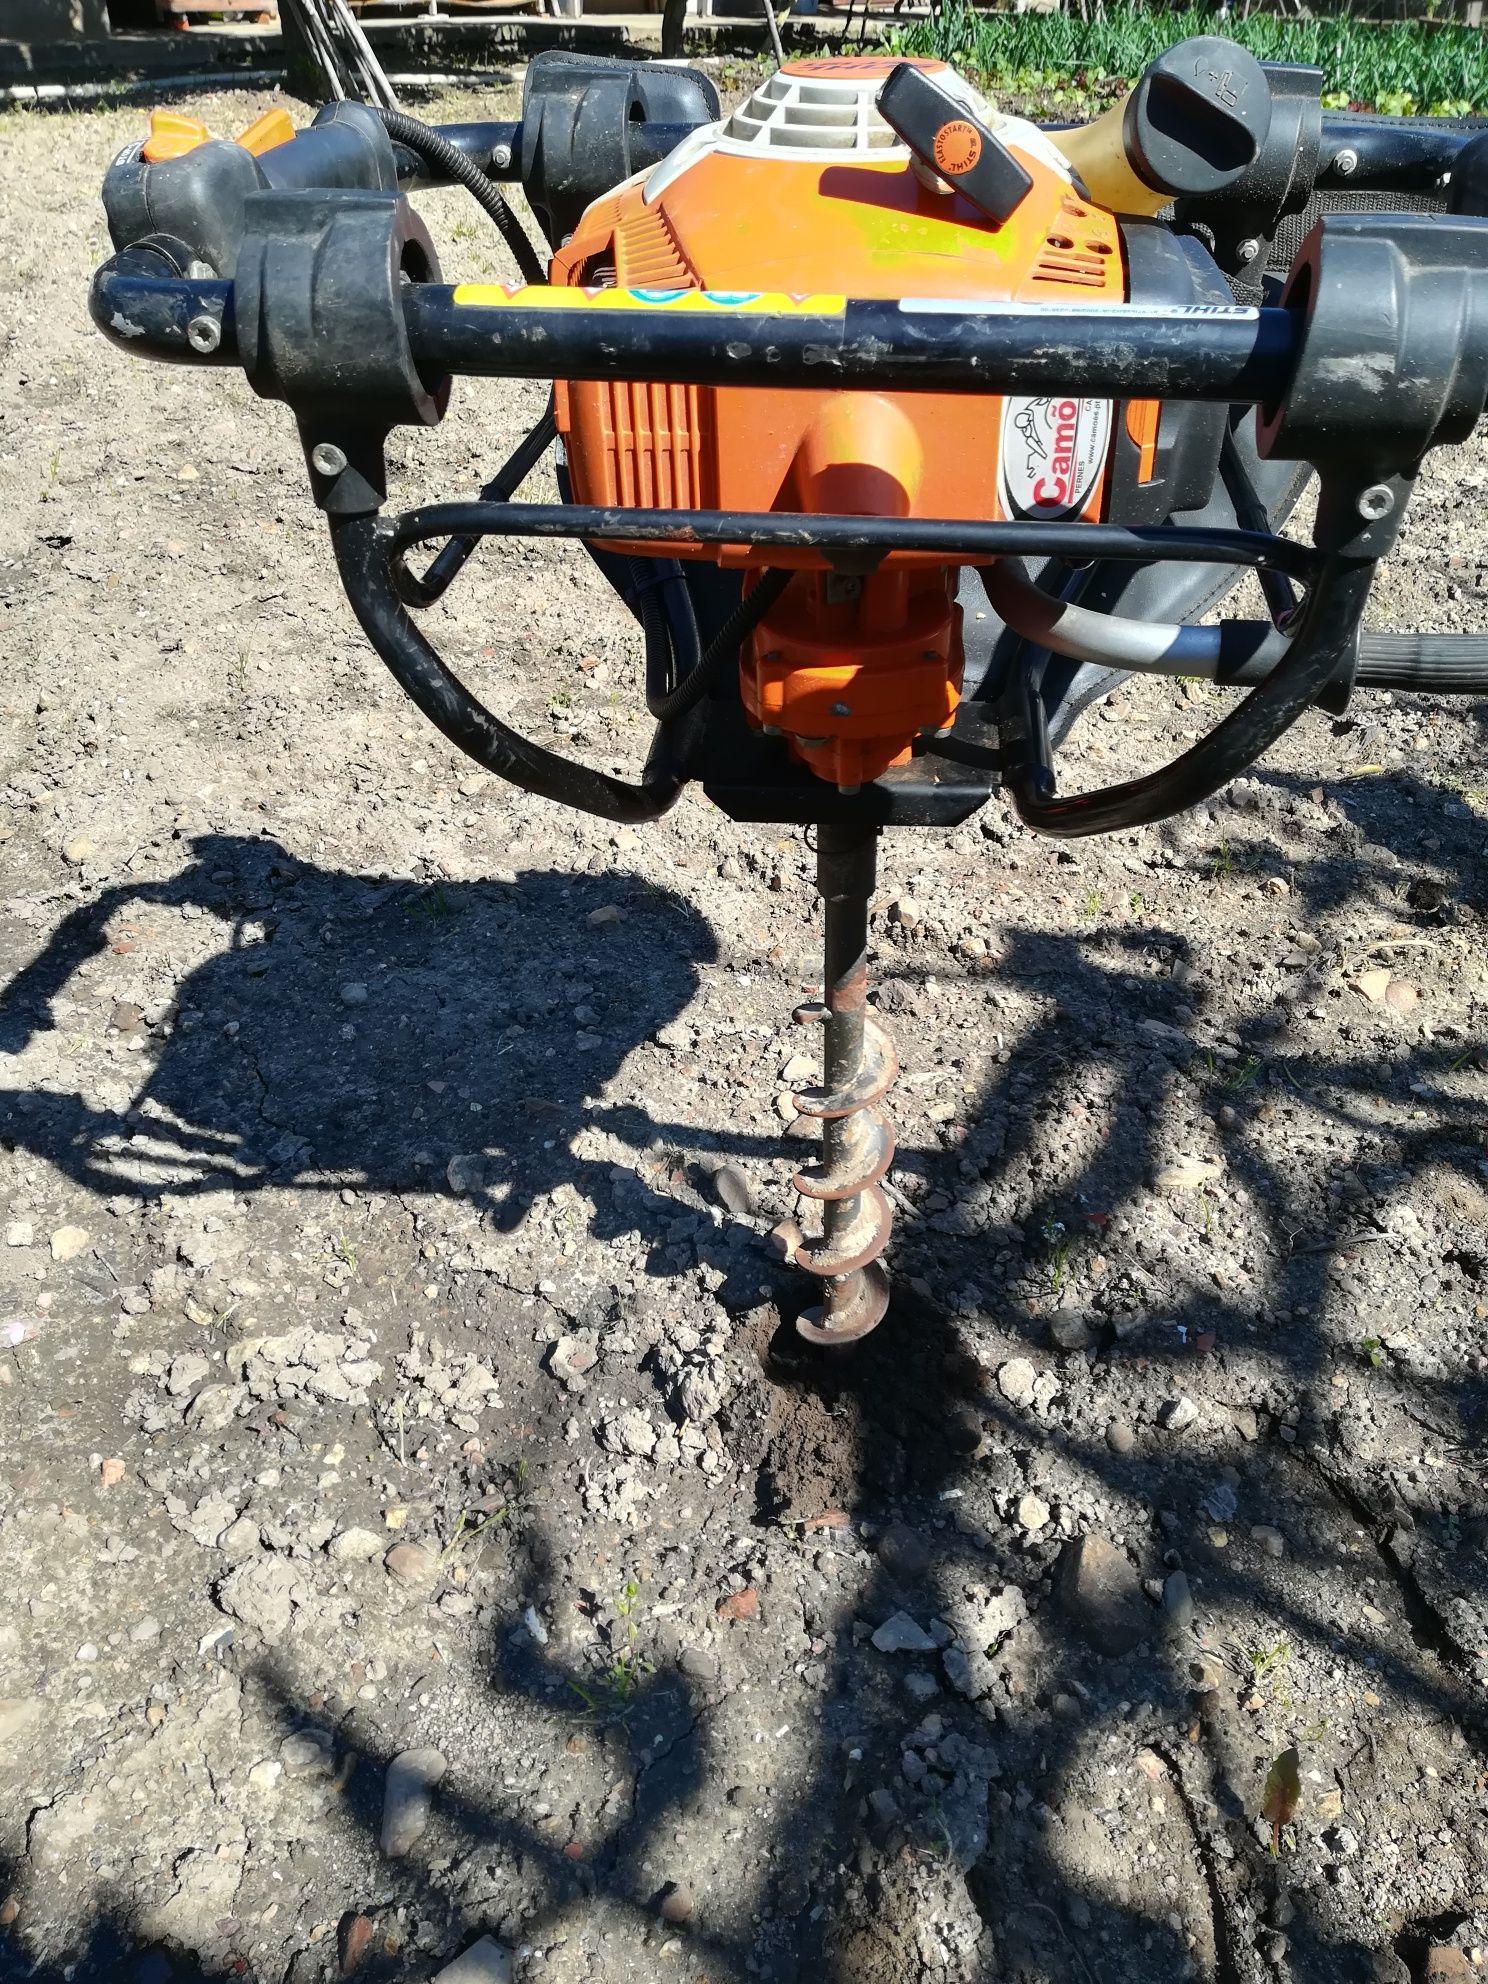 Perfurador de solo - Abre buracos